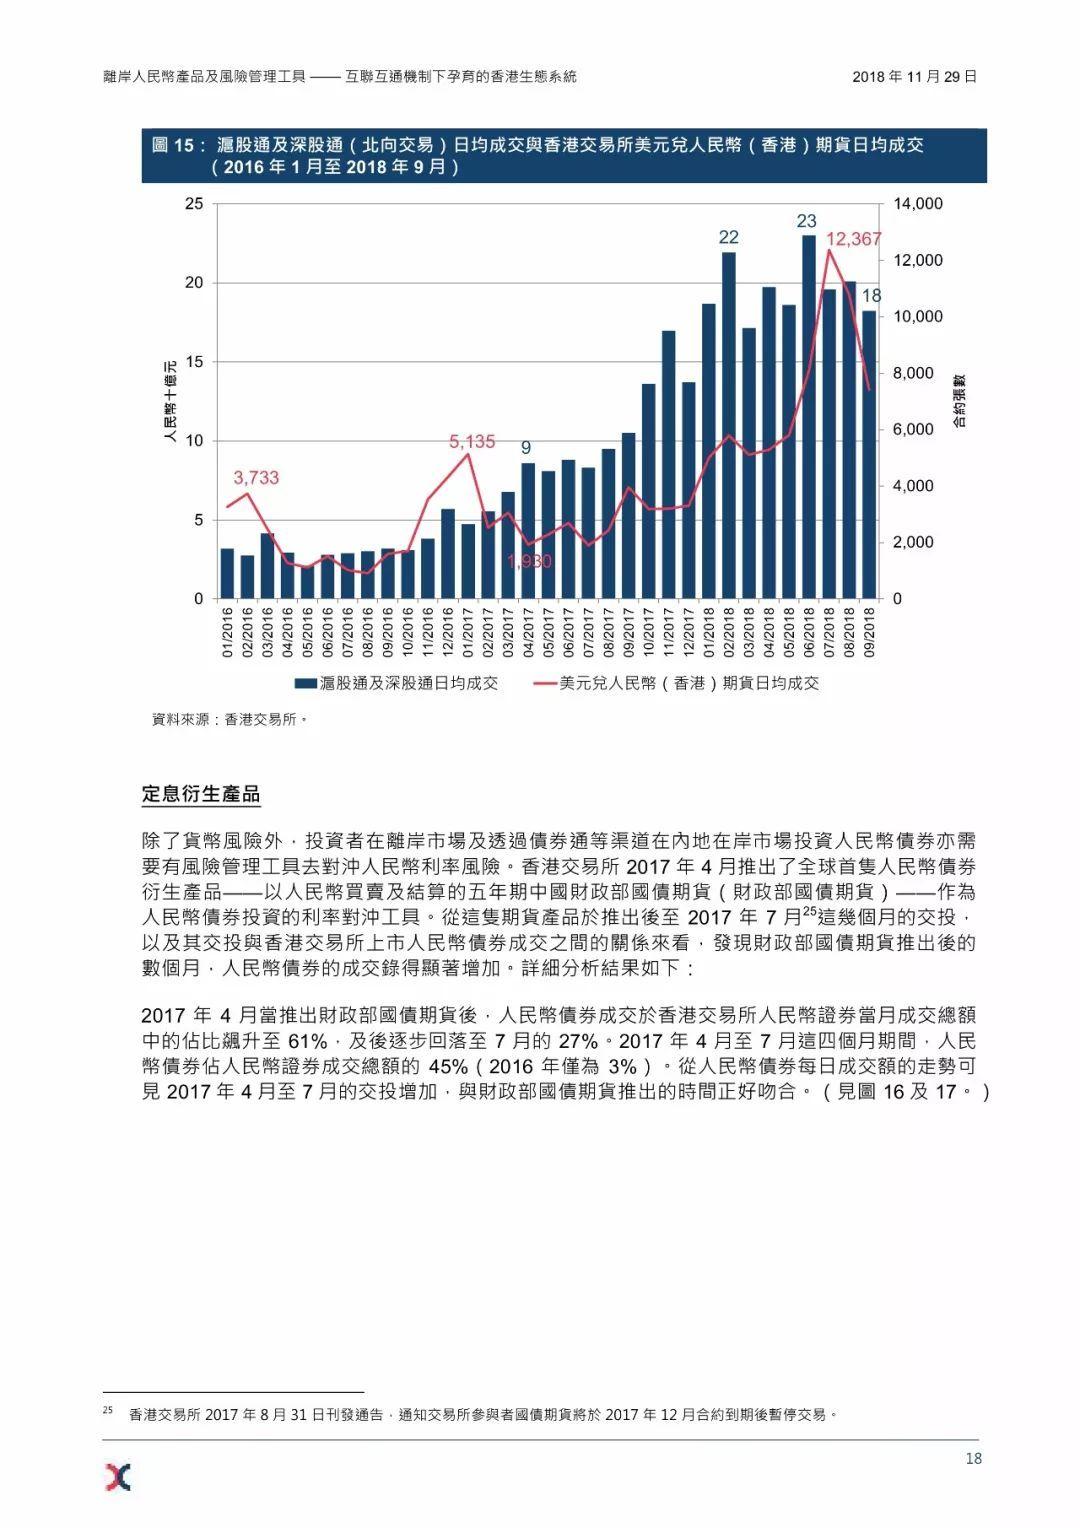 怎么赚钱的�【研究陈述】互联互通催促离岸人民币产品交易业务